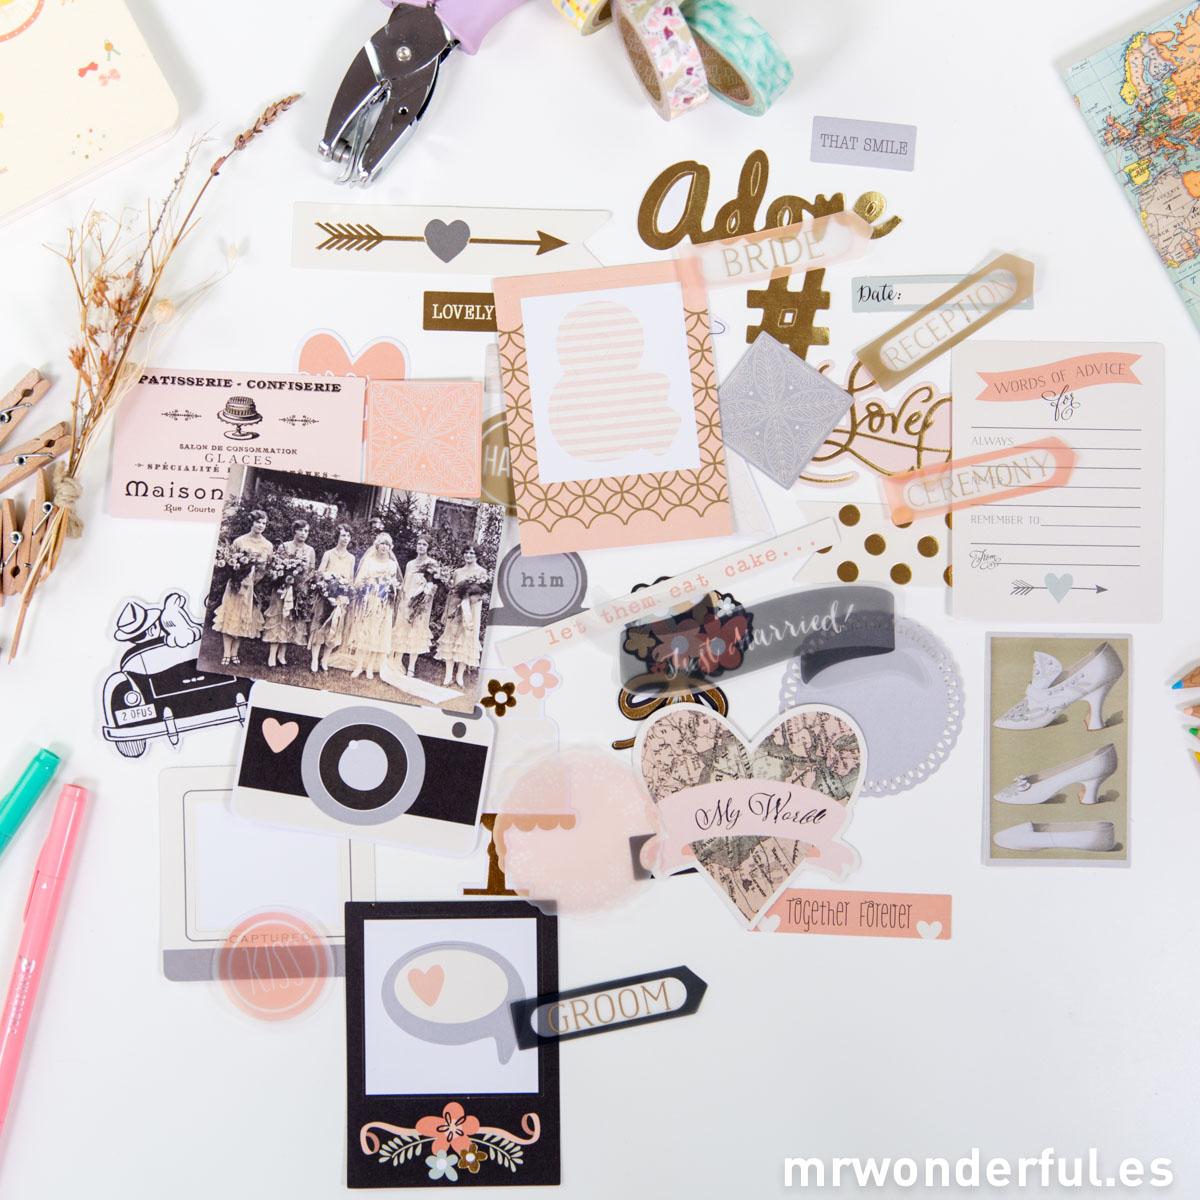 mrwonderful_FT1004_Surtido-embellecedores-scrapbooking-Just-married-1